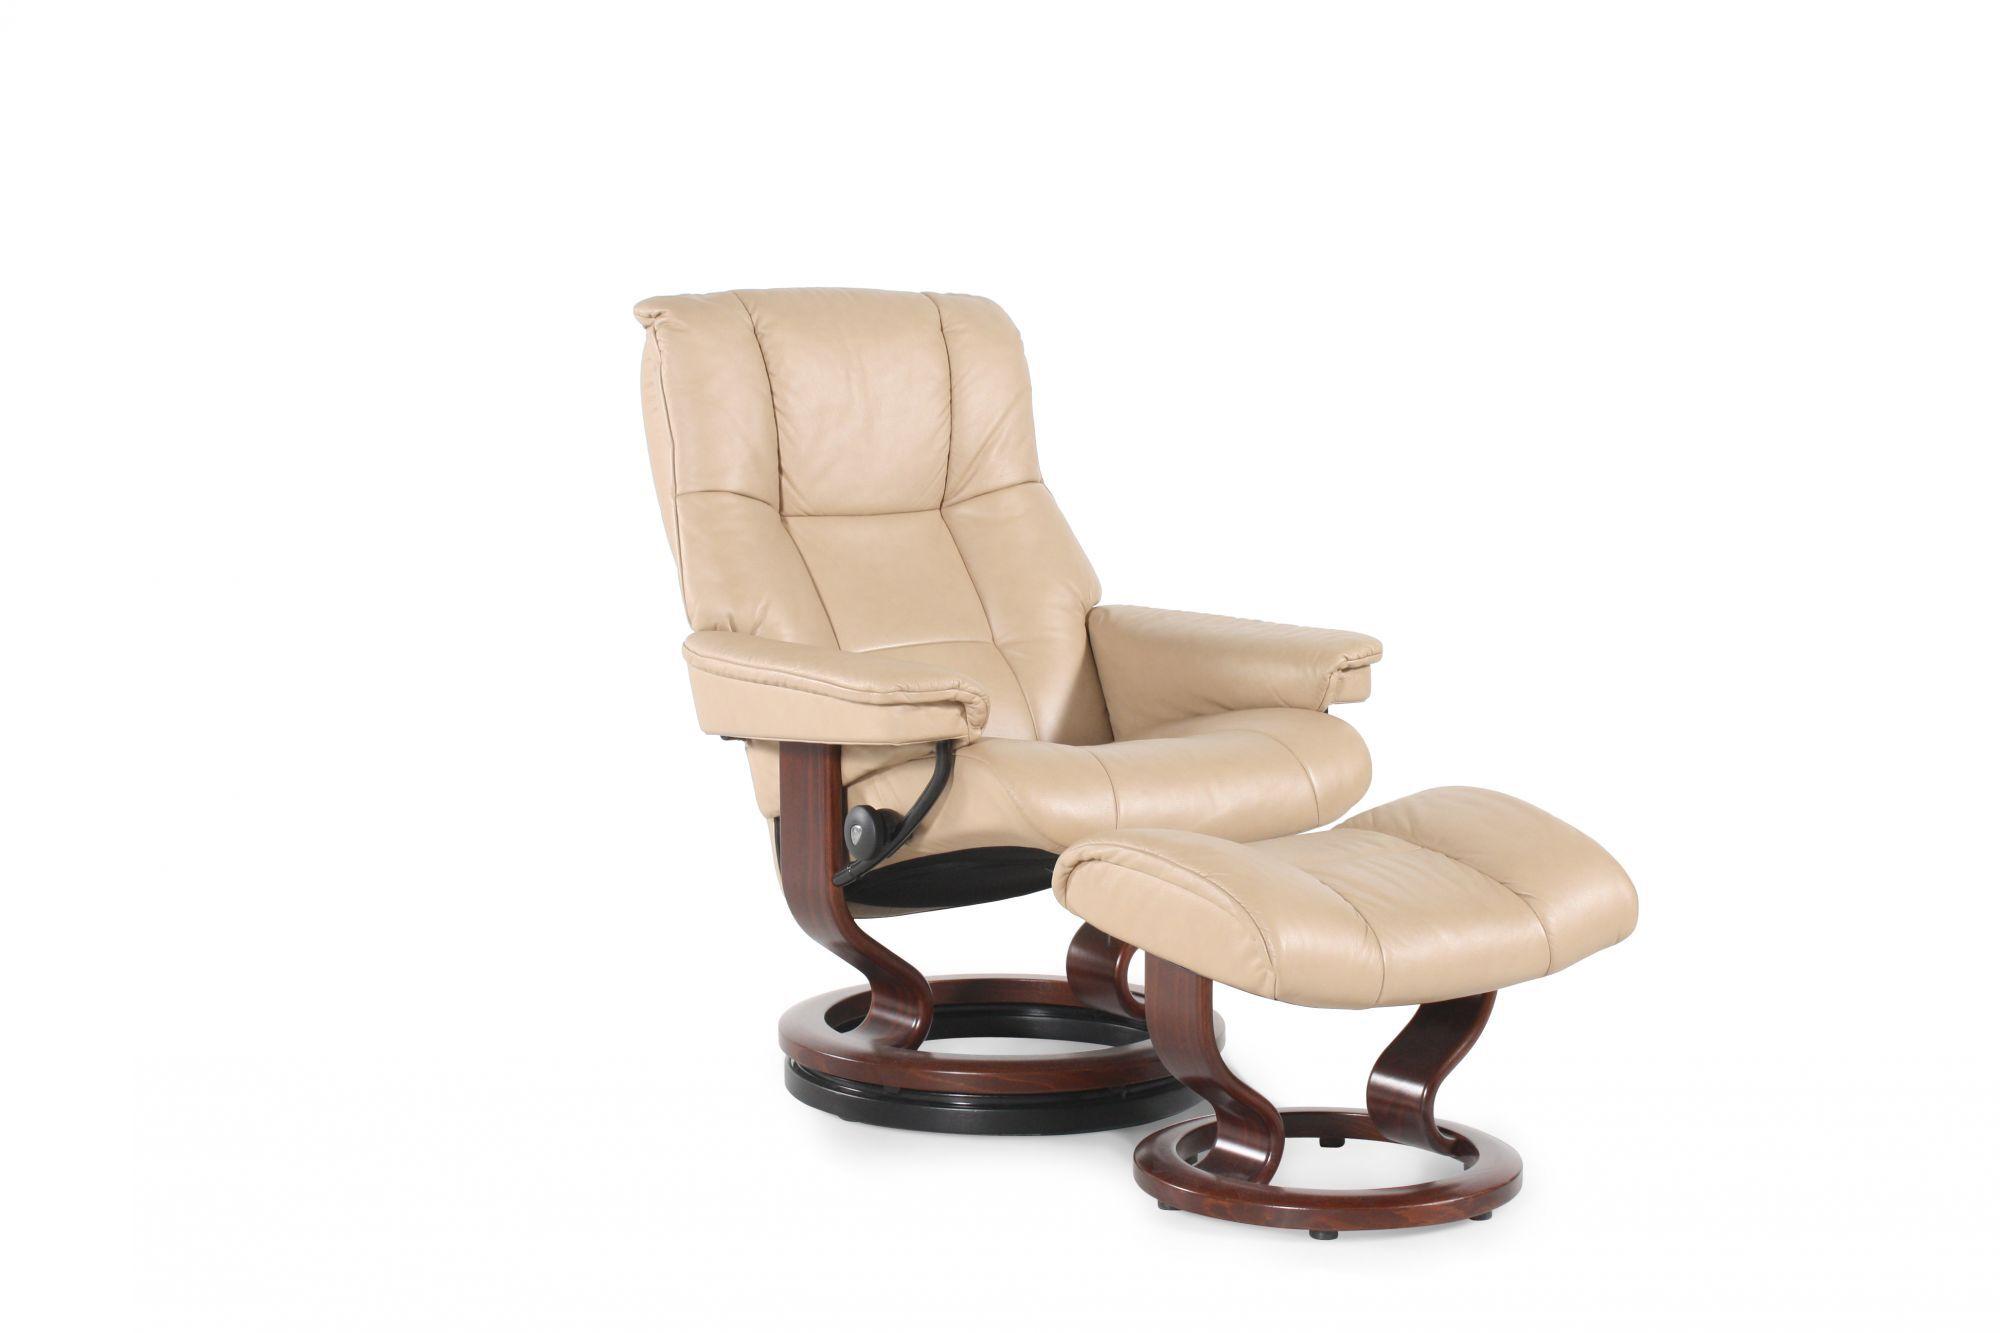 stressless mayfair medium paloma sand chair and ottoman